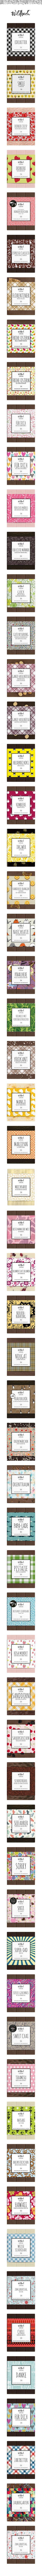 Ein kleiner Auszug aus dem Packaging Design für die Marke Wildbach: Verpackungsdesign mit Liebe zum Detail. Was ist deine Lieblingsschokolade? #packagingdesign